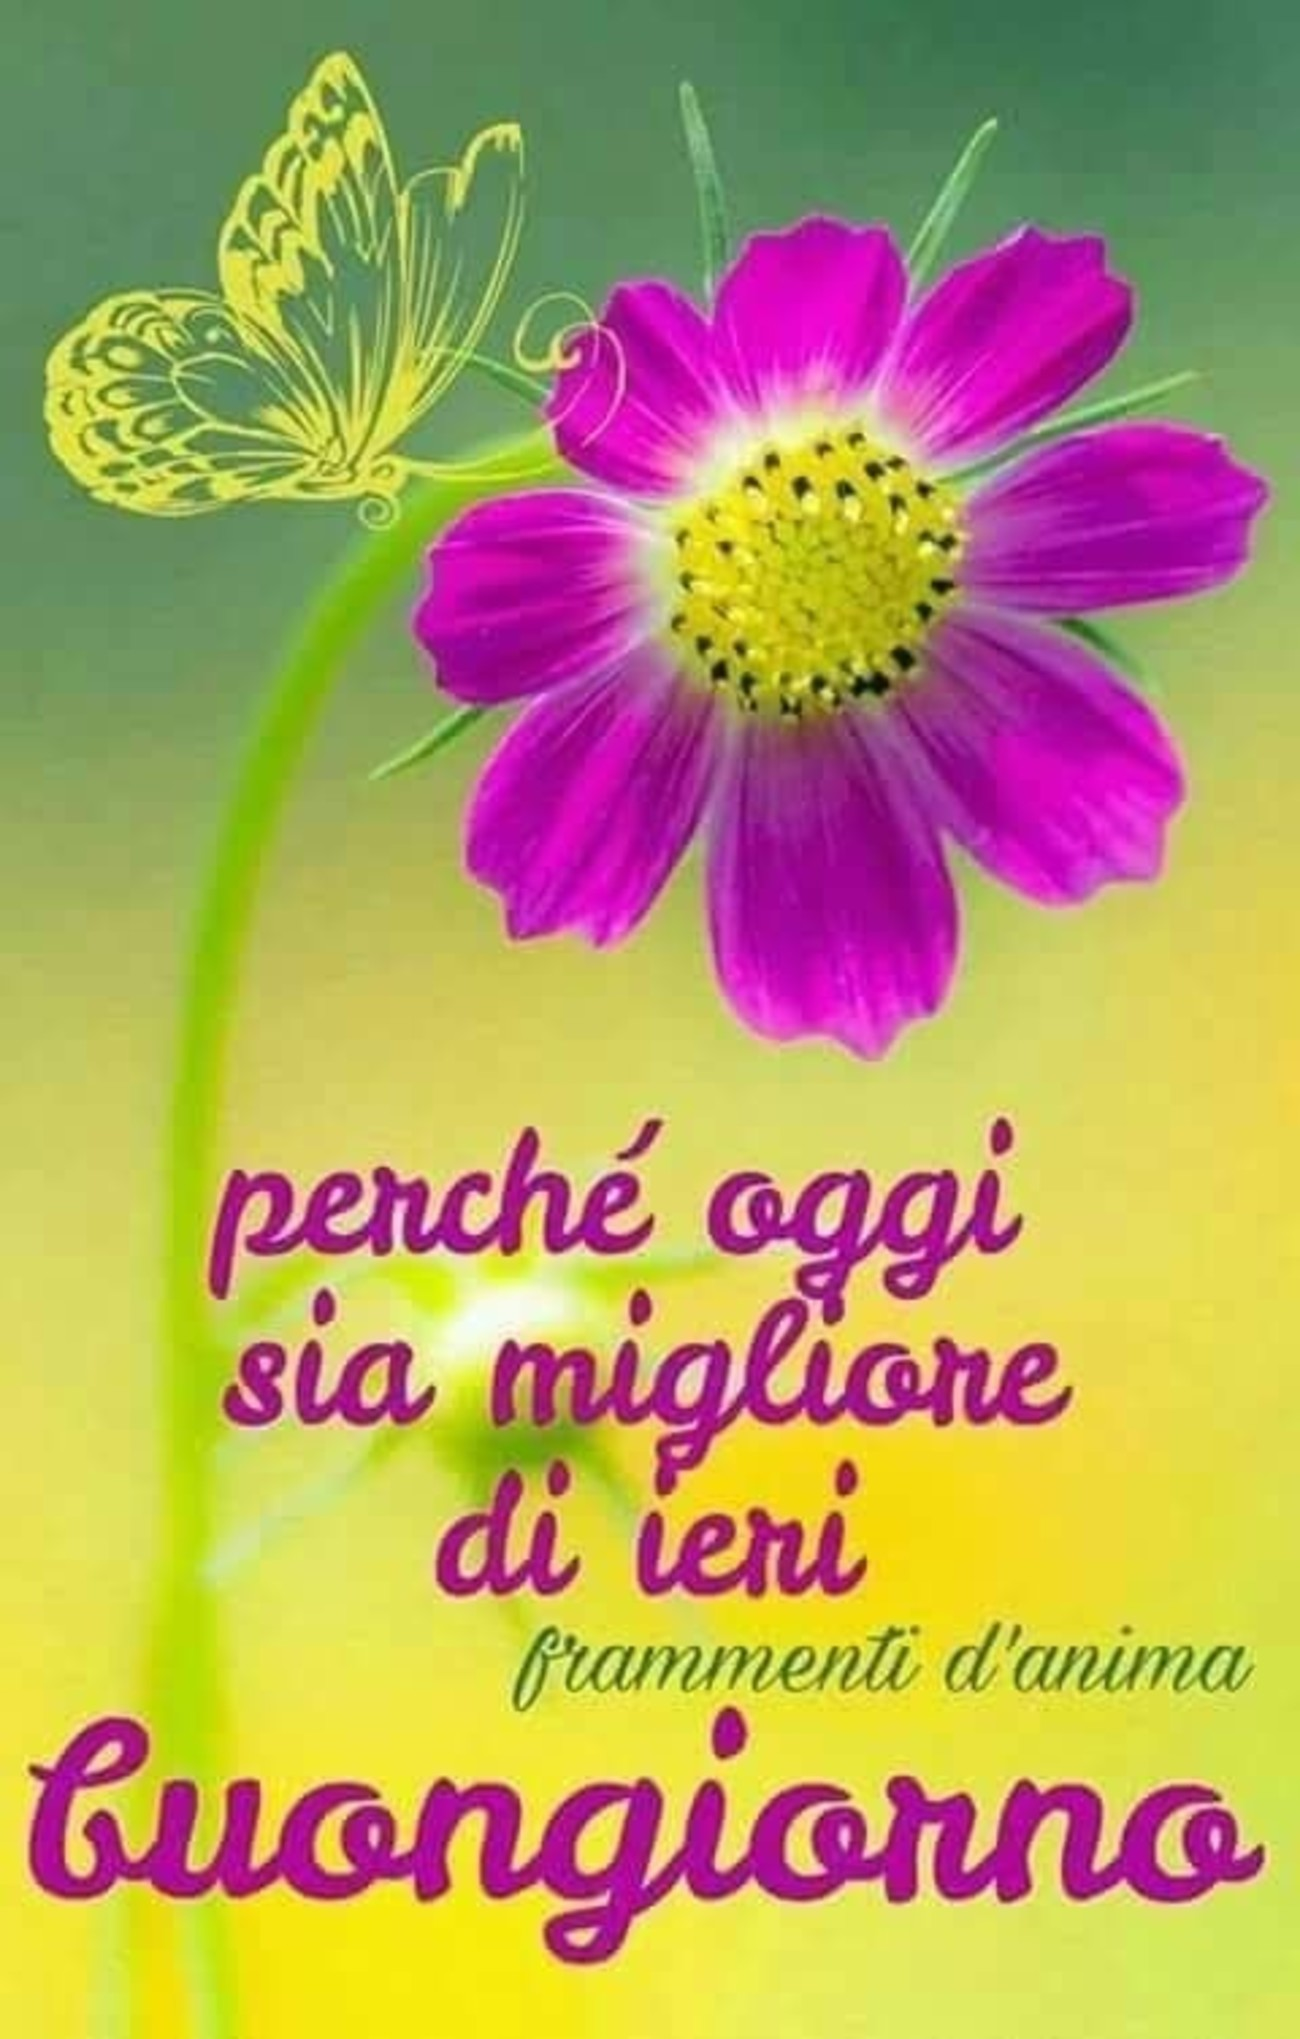 Buongiorno foto coi fiori 2 for Foto immagini buongiorno